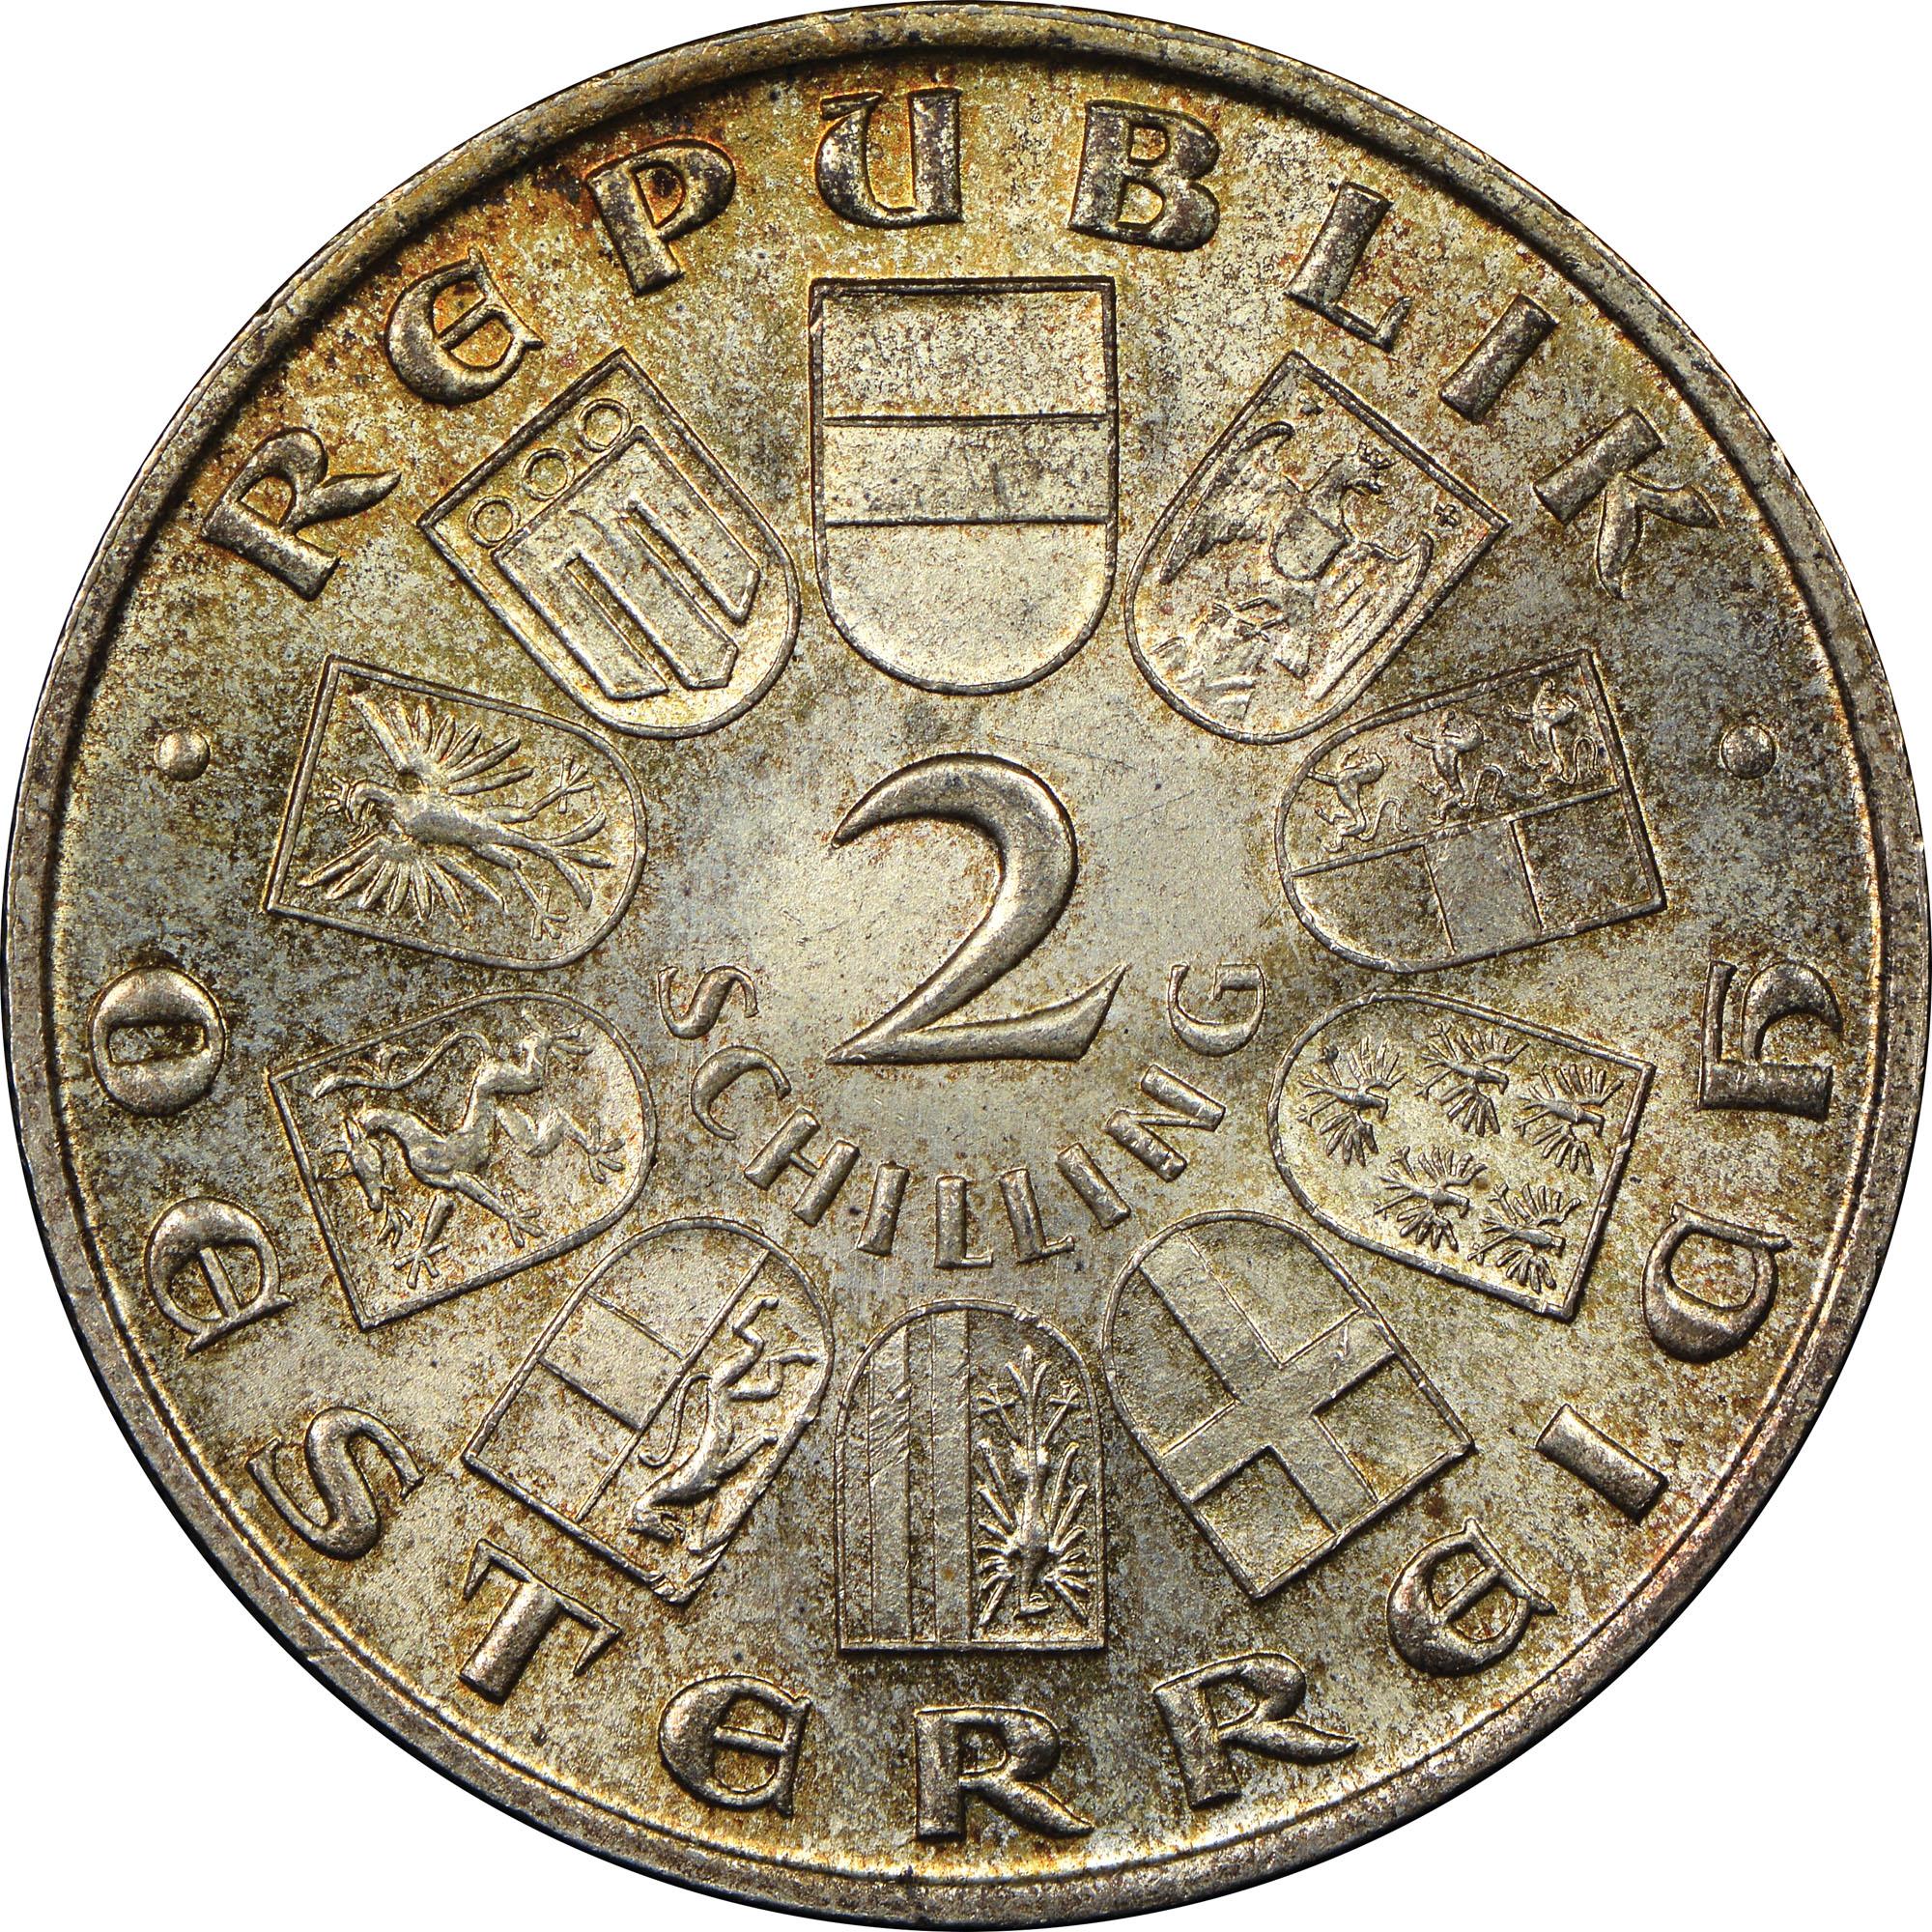 (1933) Austria 2 Schilling obverse